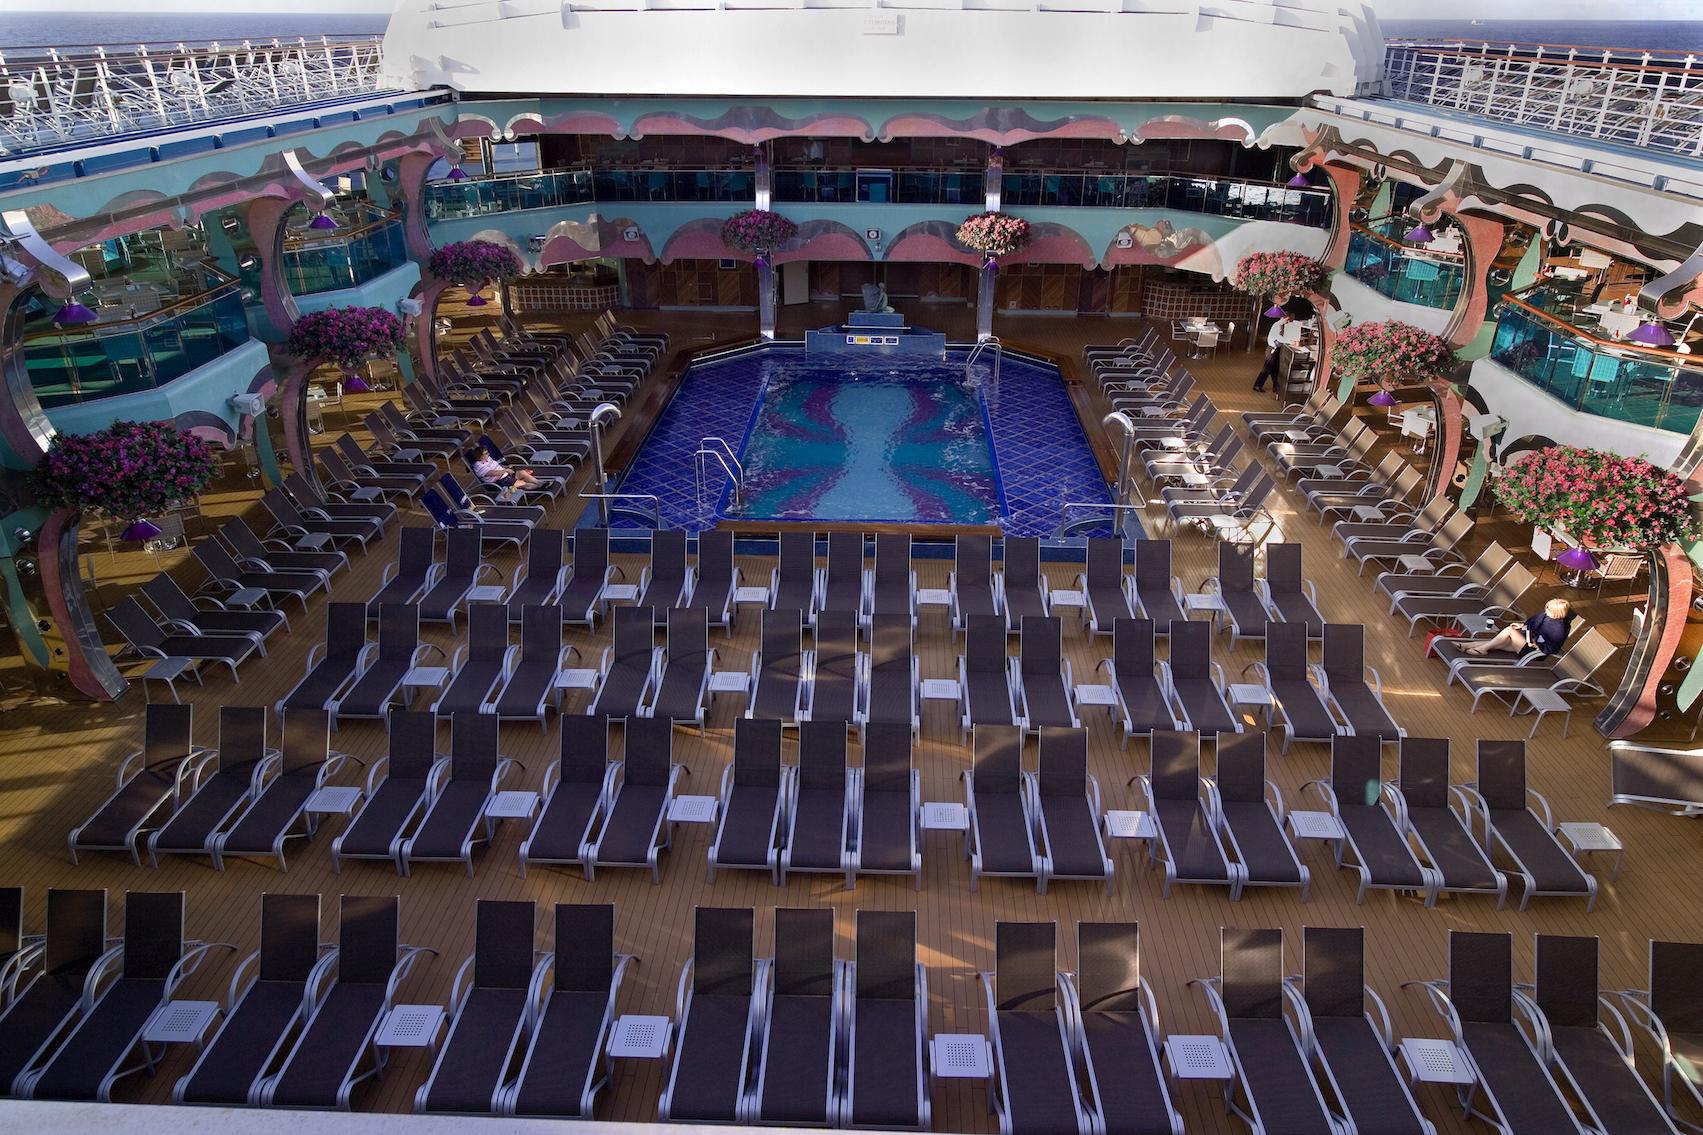 Carnival Splendor Splendido Lido Pool 1.jpg